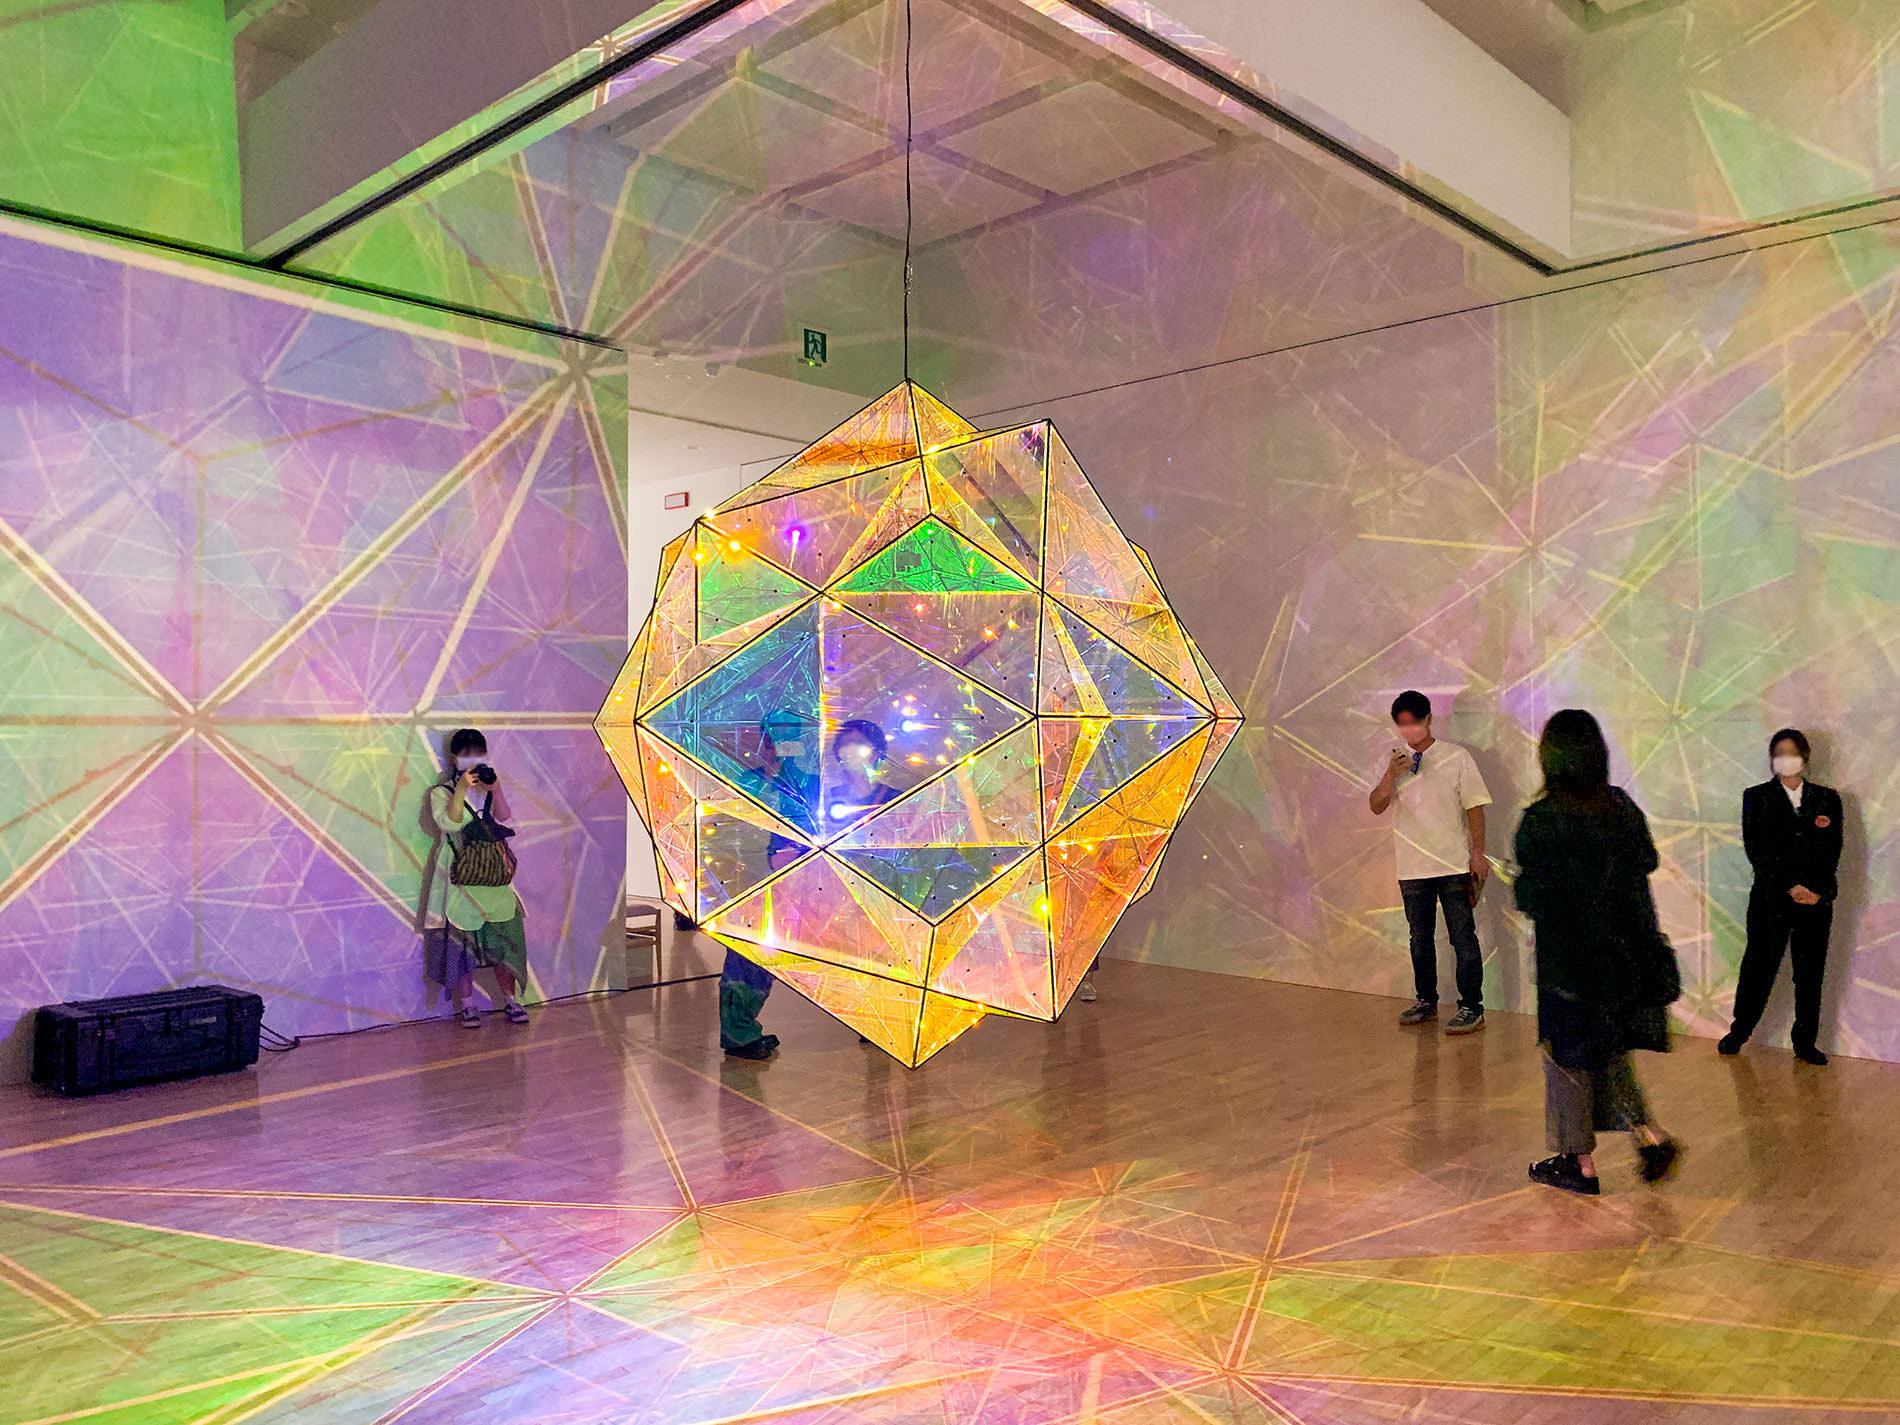 オラファー・エリアソン 「ときに川は橋となる」展  | 太陽の中心への探査 | 東京都現代美術館 / Olafur Eliasson | The exploration of the centre of the sun | MUSEUM OF CONTEMPORARY ART TOKYO 2020